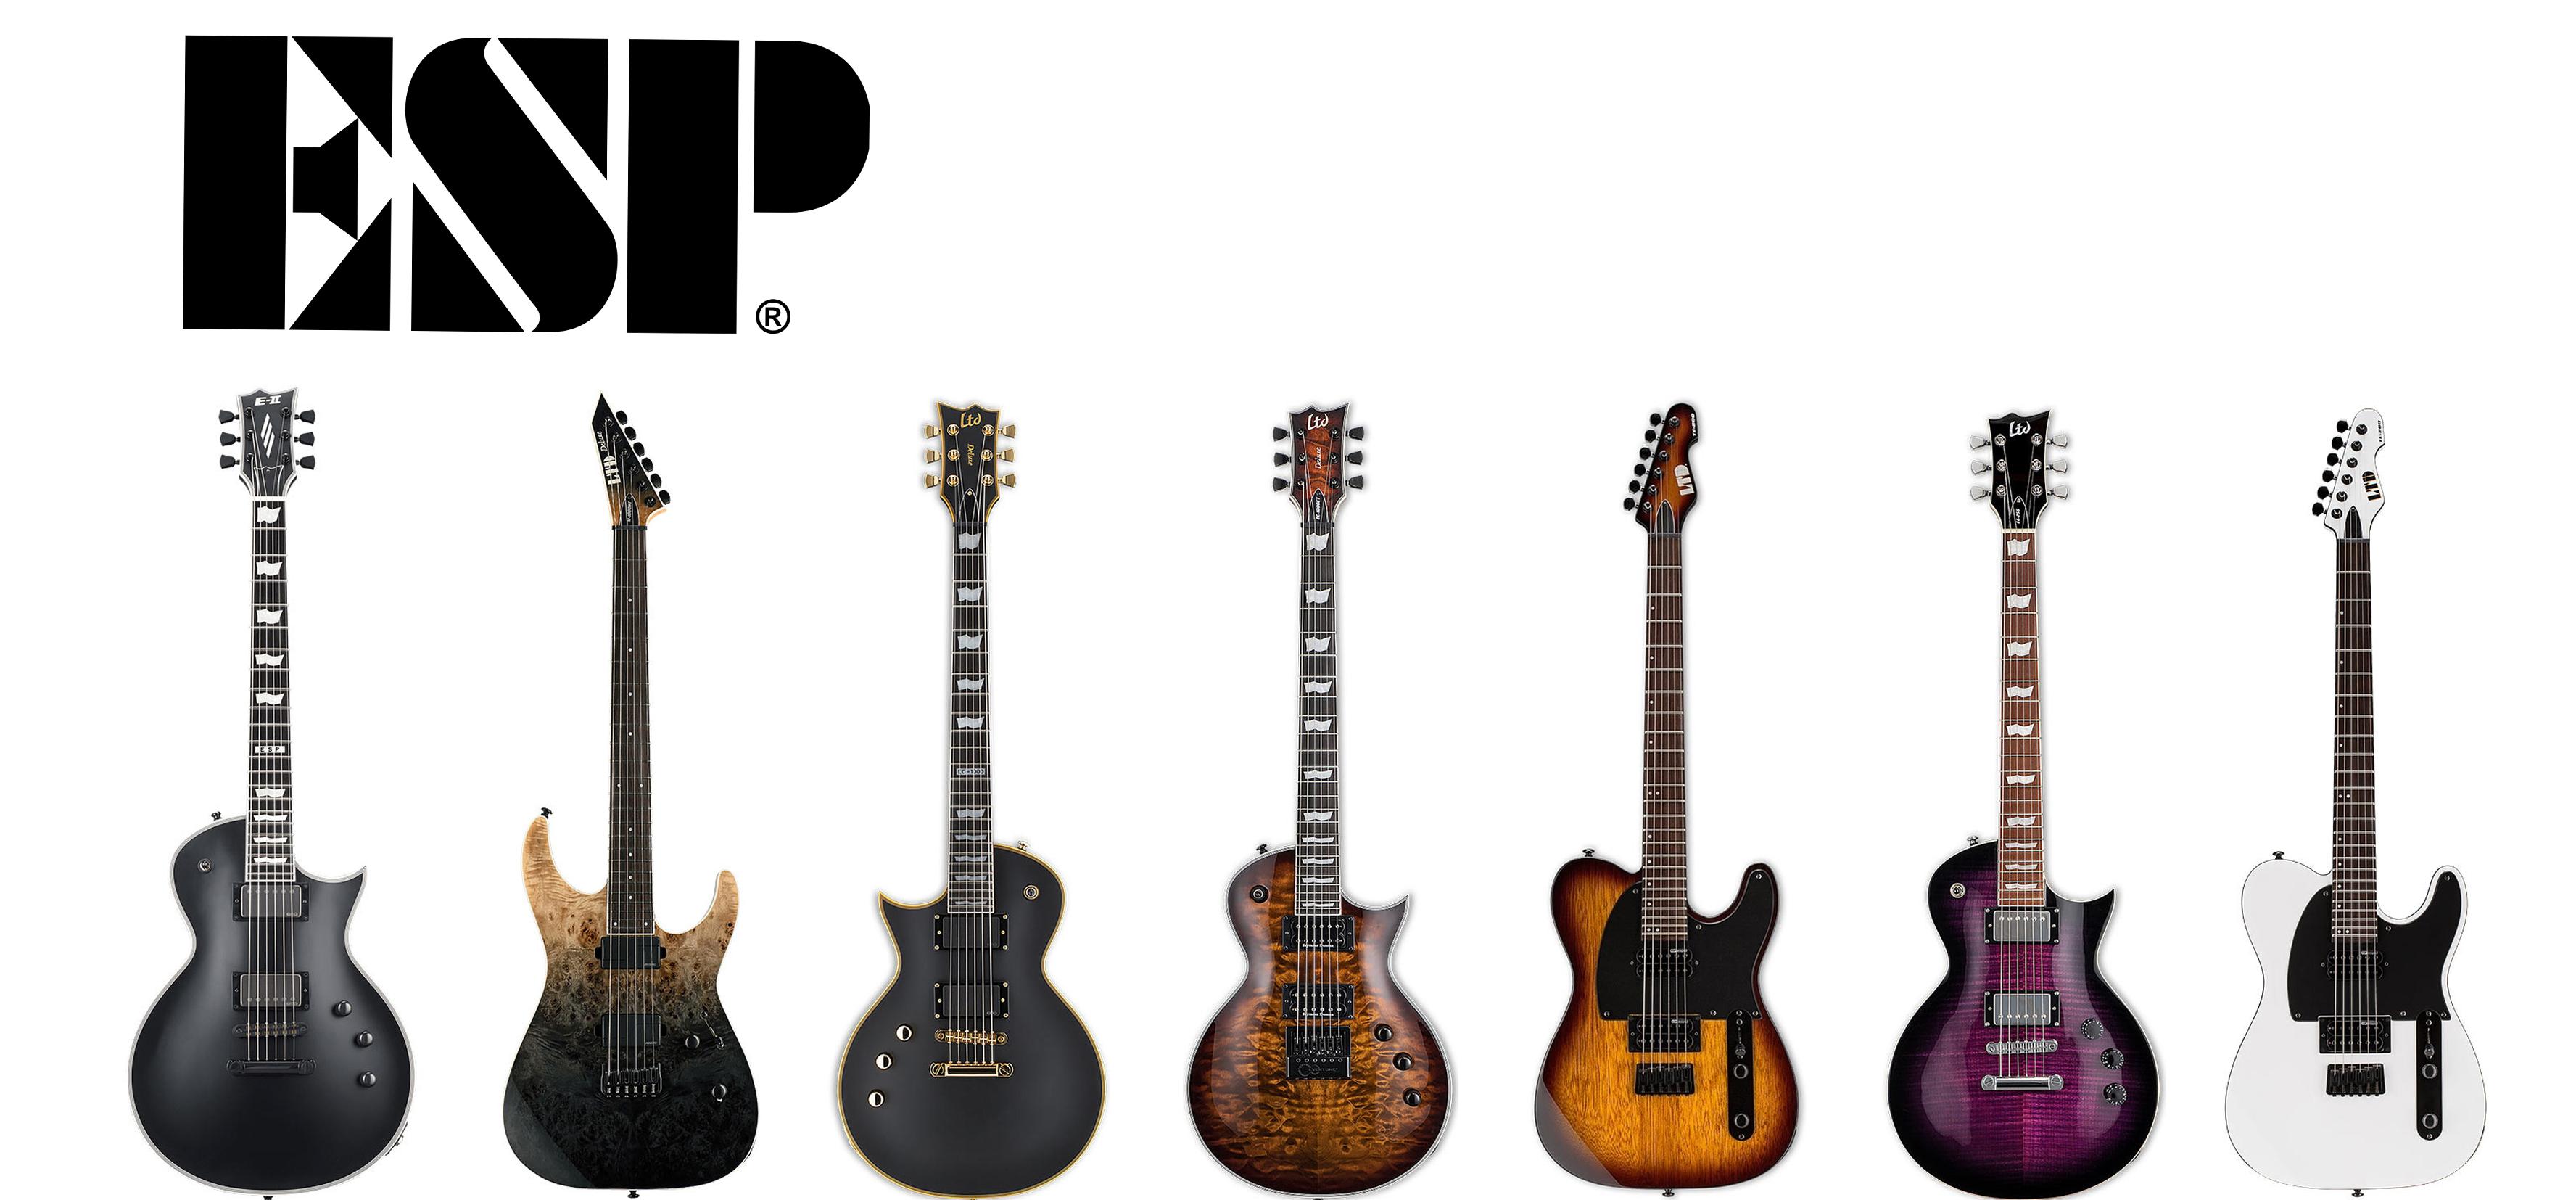 ESP:n laadukkaat kitarat. Klikkaa valikoima auki.